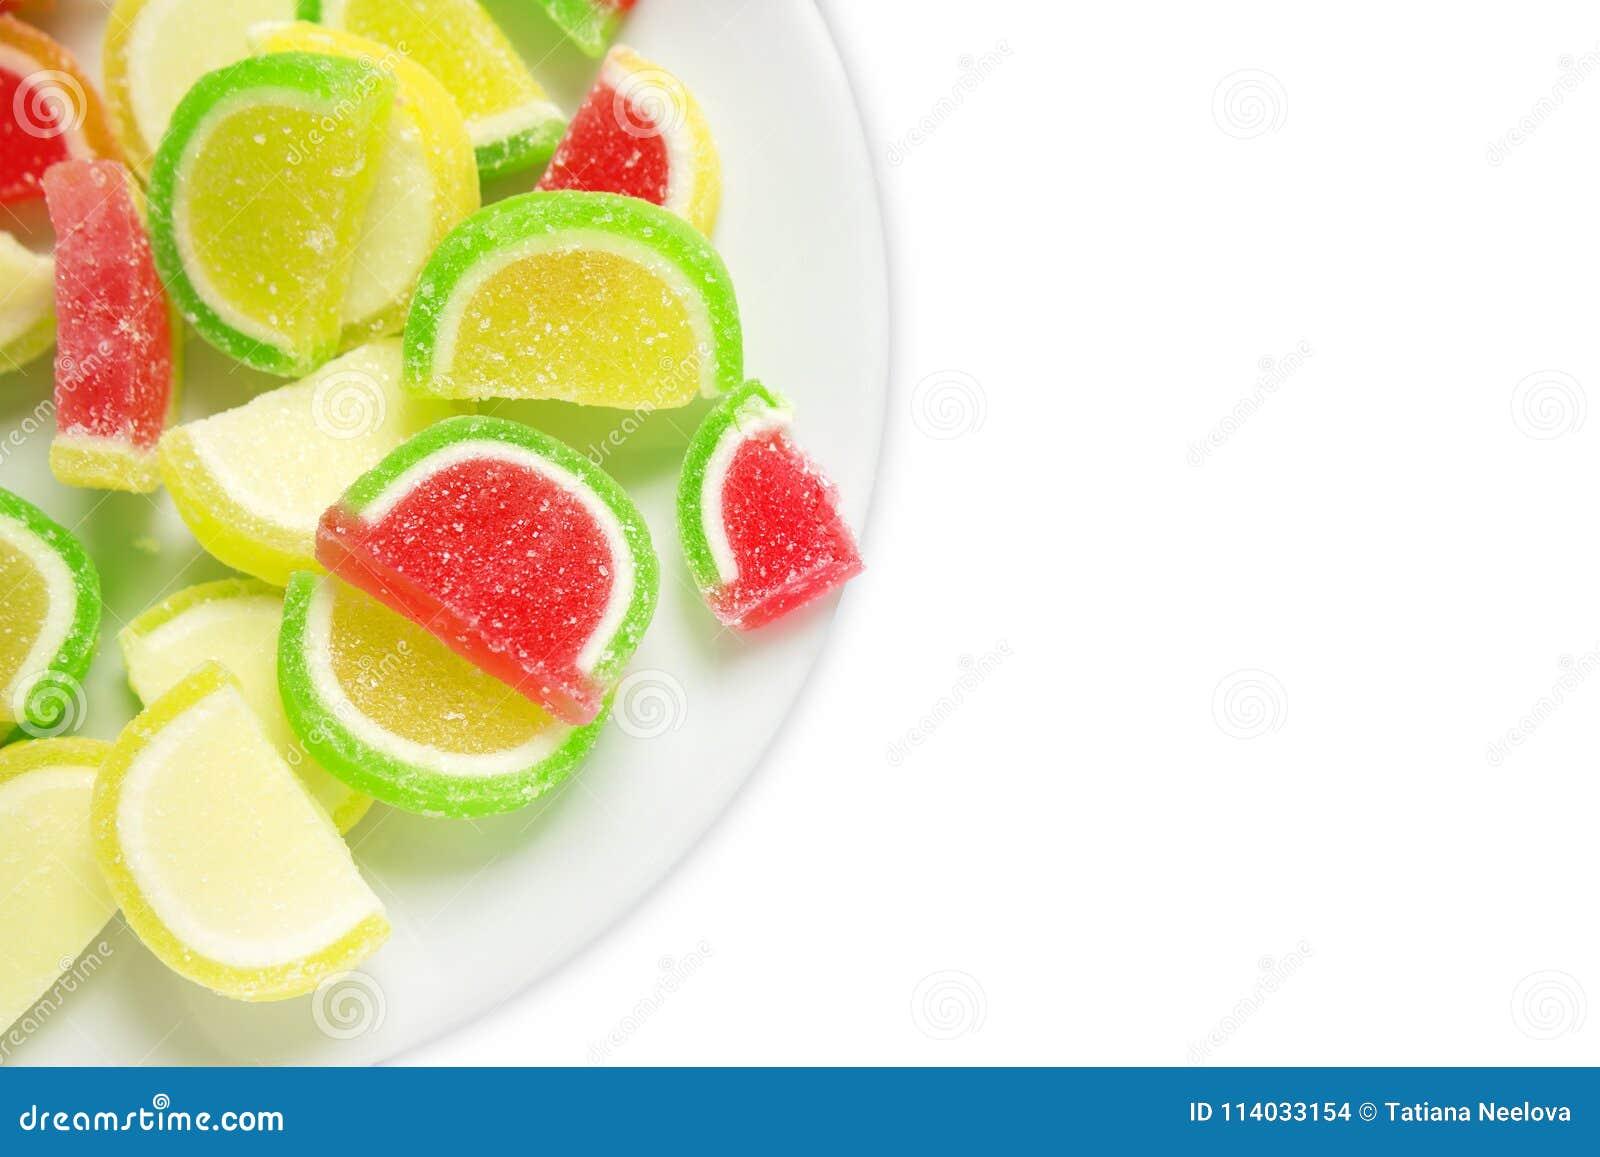 Ett över huvudet foto av söt smaklig söt färgrik gelémarmelad Vibrerande blandade godisar eller sötsaker som isoleras på vit bakg